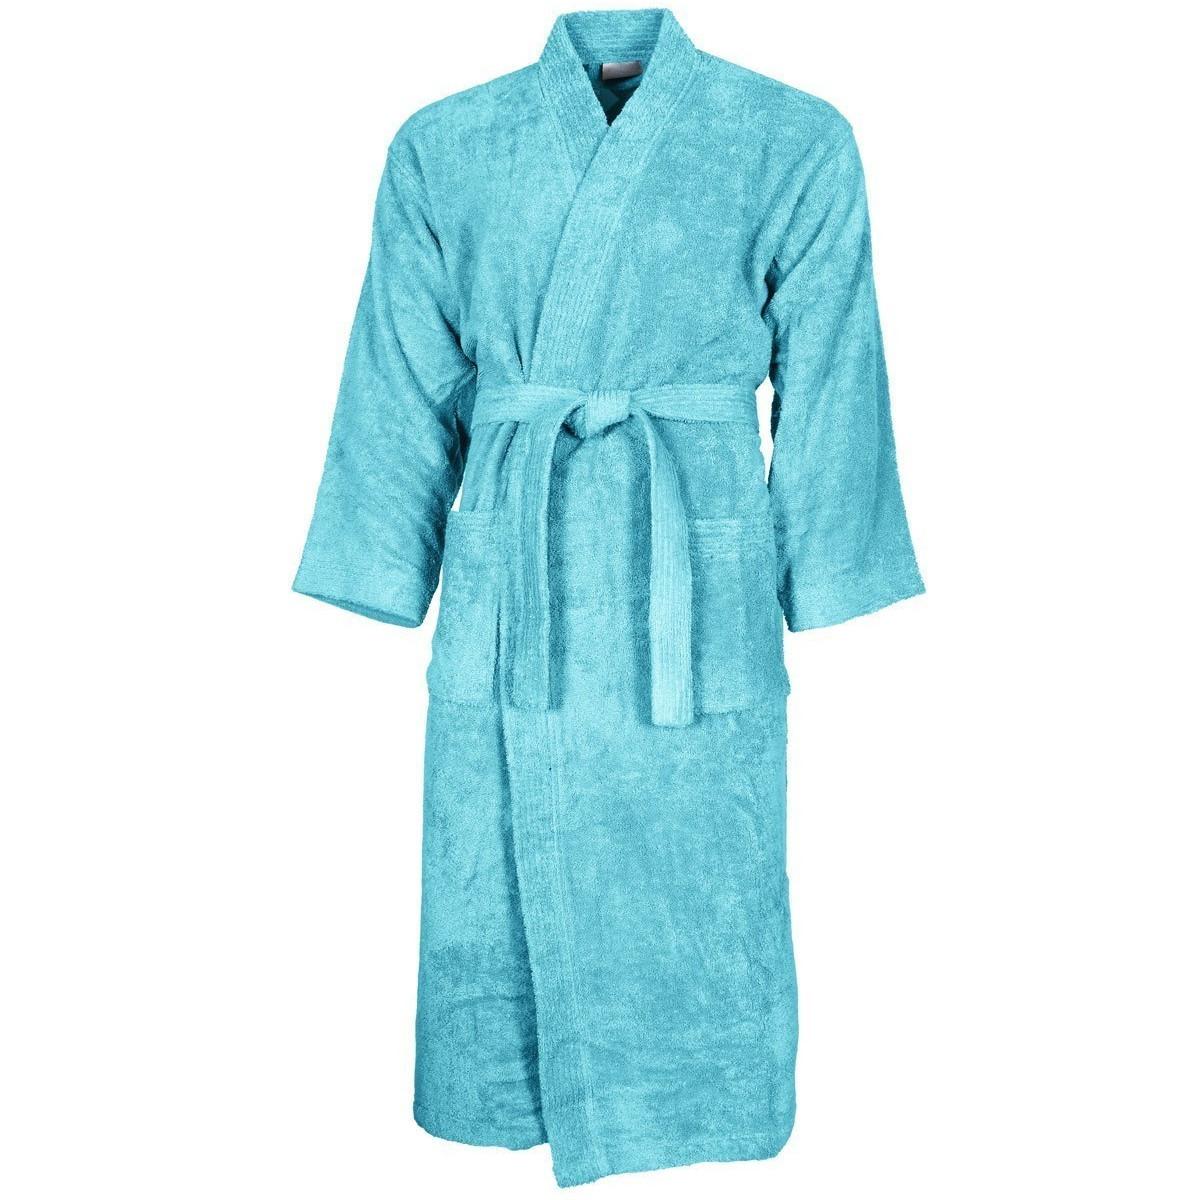 LUXURY - Peignoir de bain mixte 420gr/m²  ki Bleu Turquoise 2-M